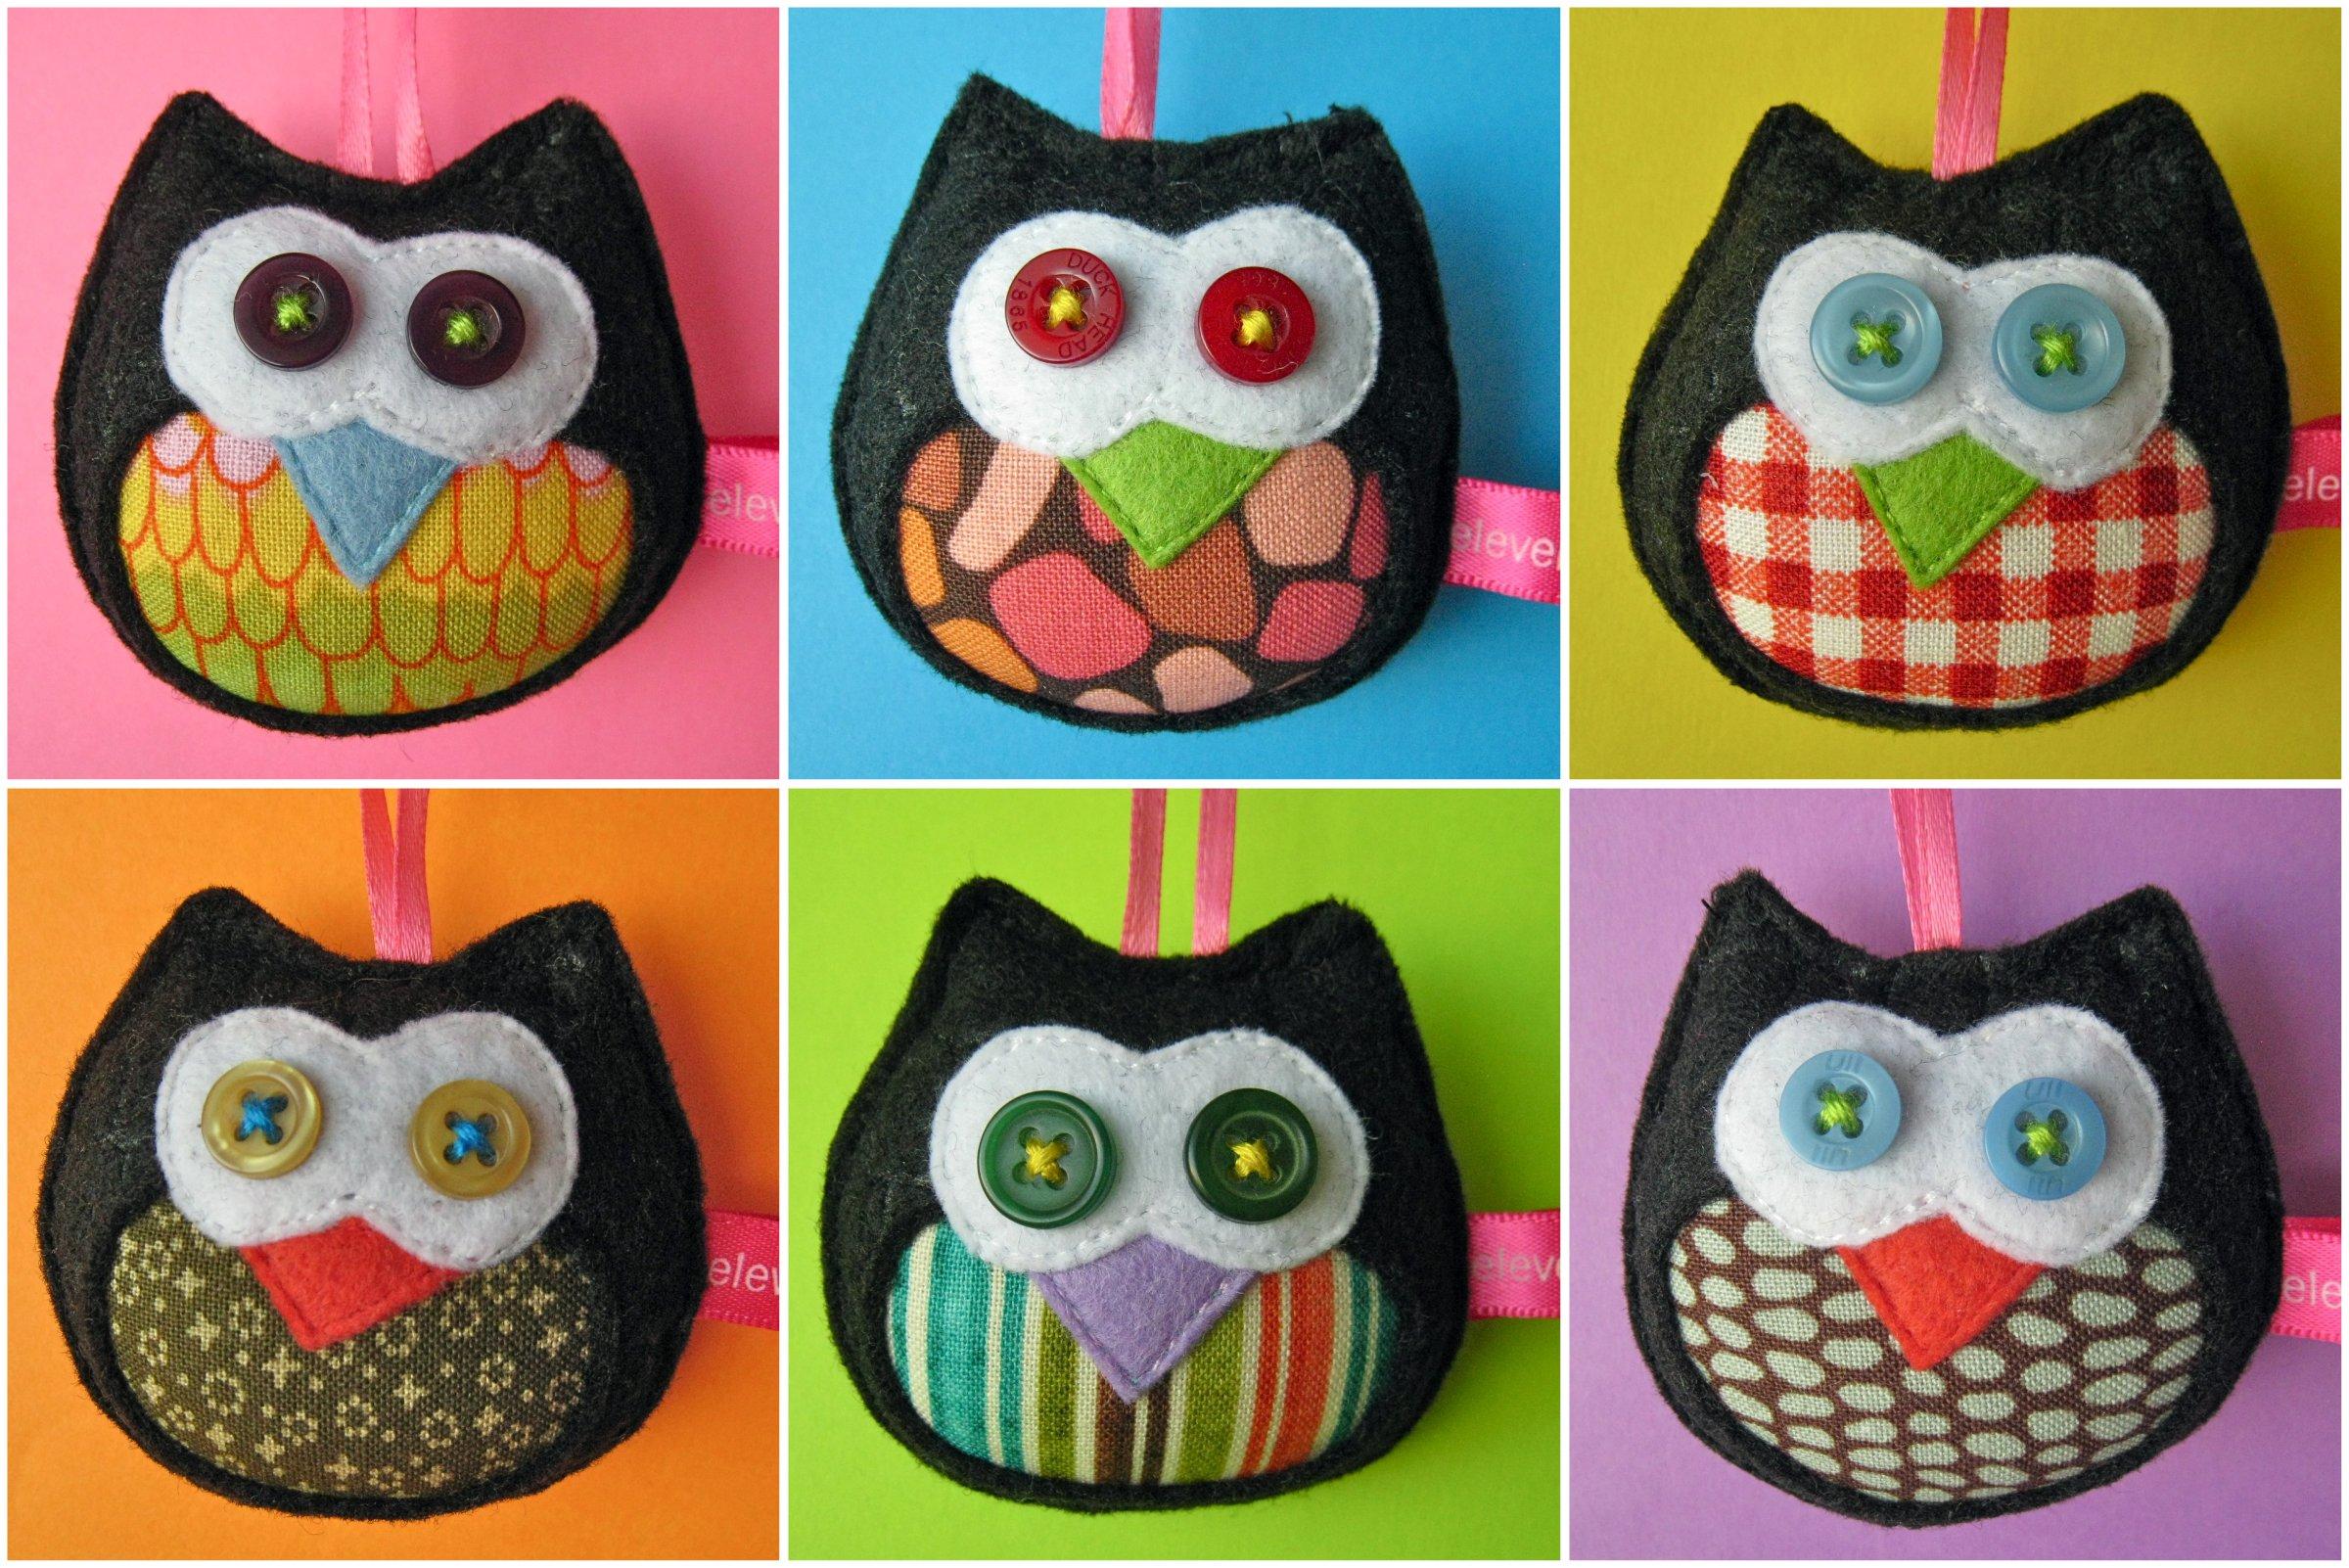 The tiny black owls